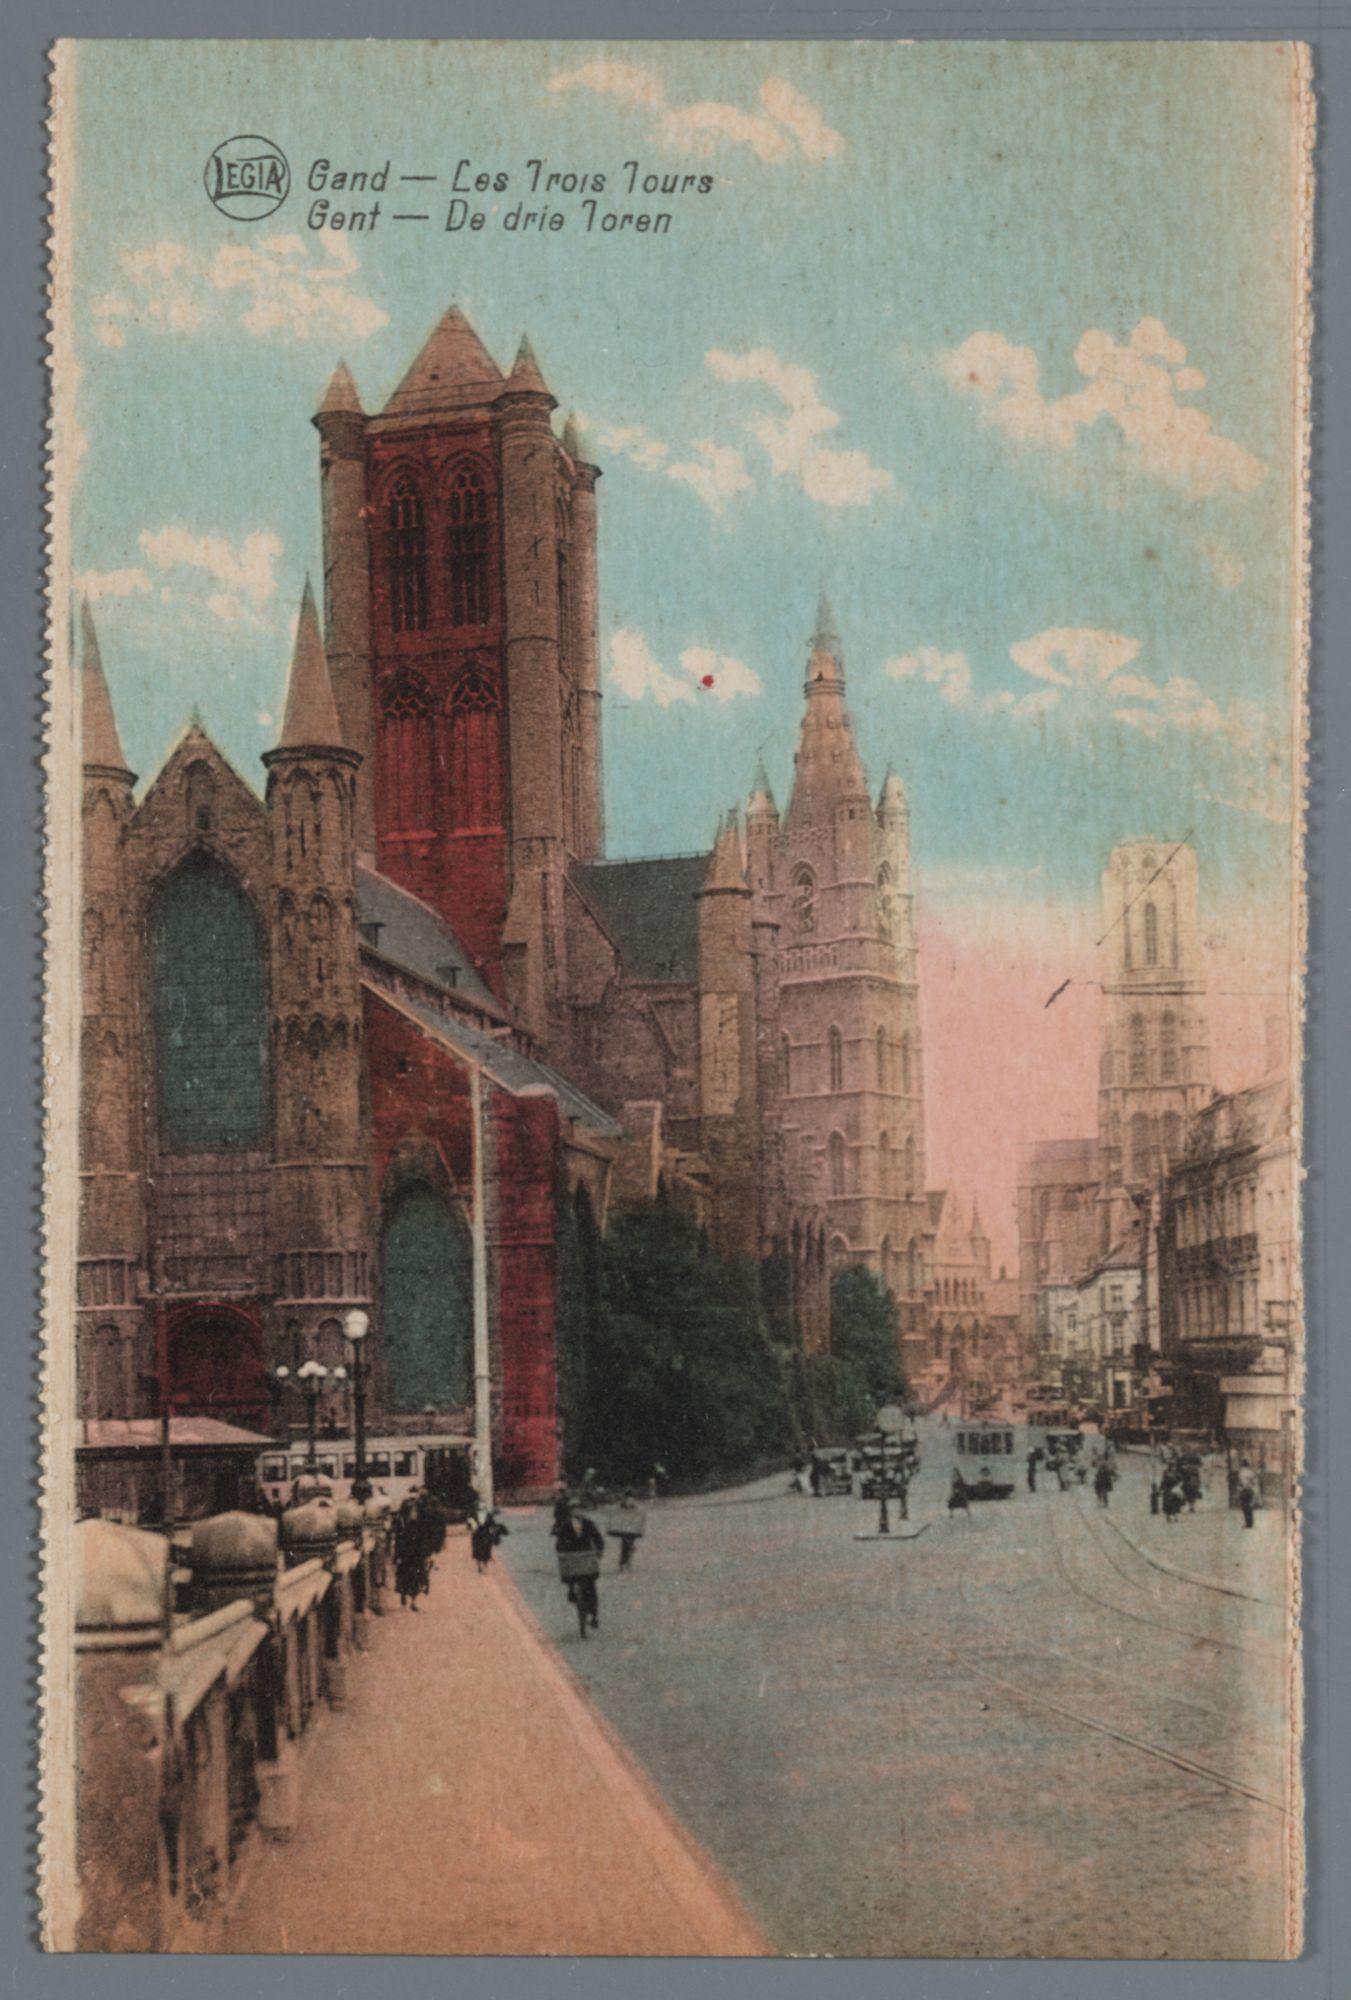 Gent: Sint-Niklaaskerk, Belfort, Sint-Baafskathedraal, trams, fietsers, wandelaars